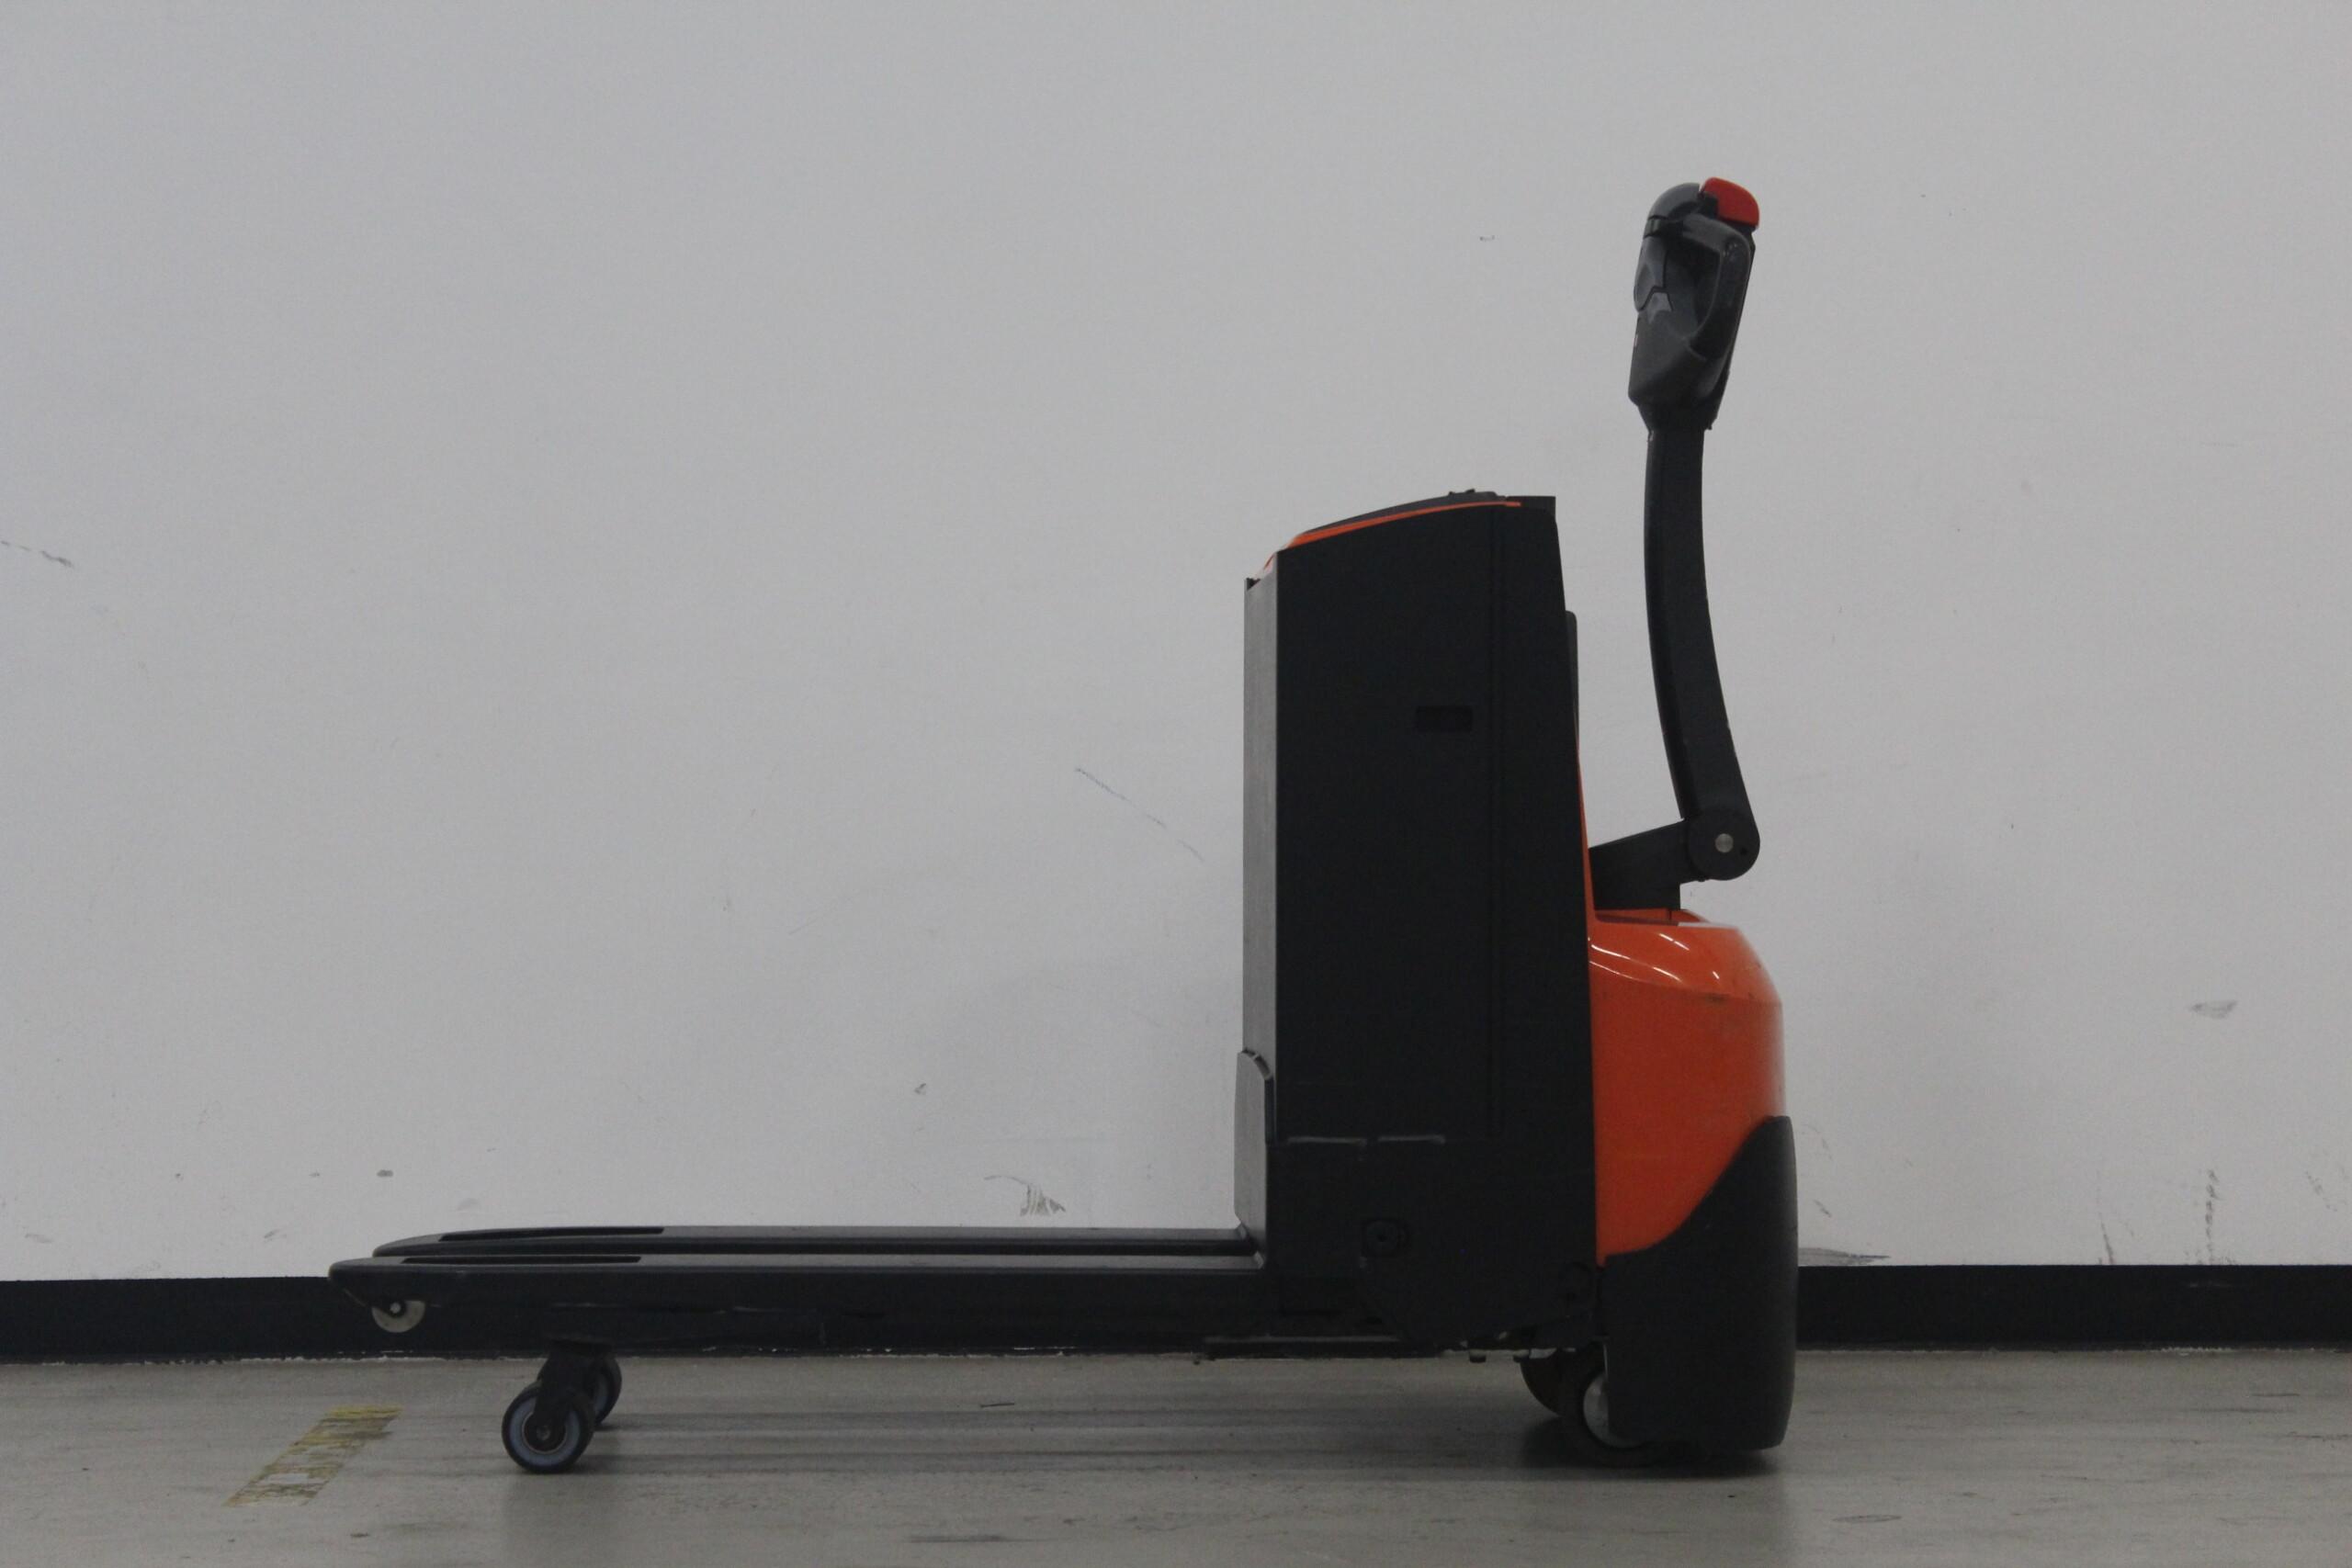 Toyota-Gabelstapler-59840 1509000388 1 3 scaled